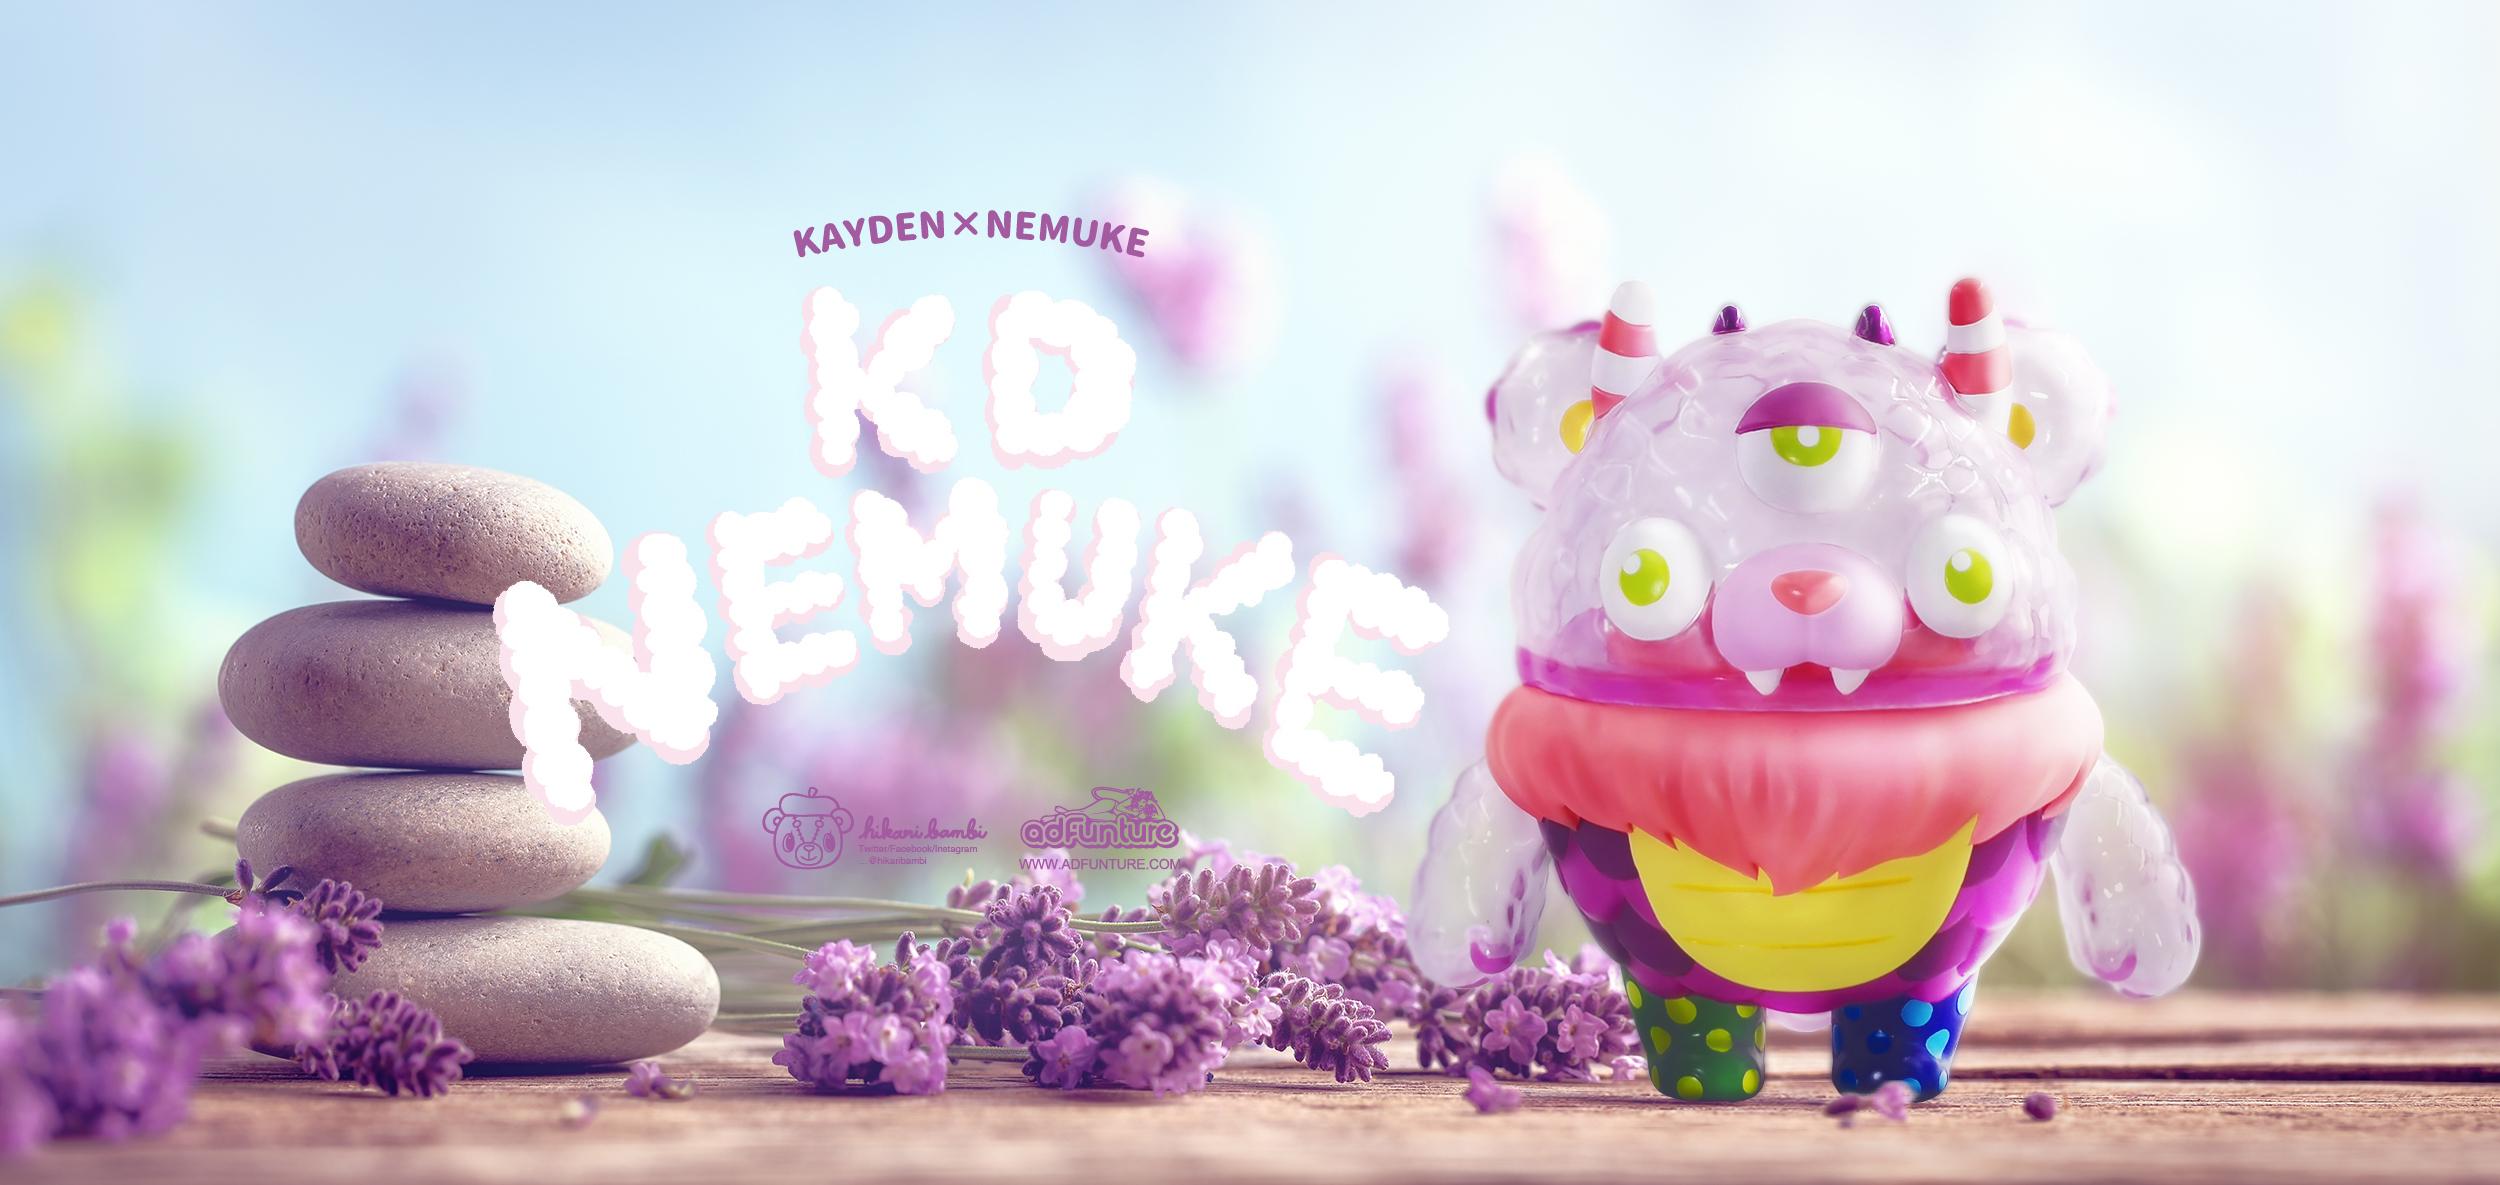 KD-NEMUKE by Hikari Bambi